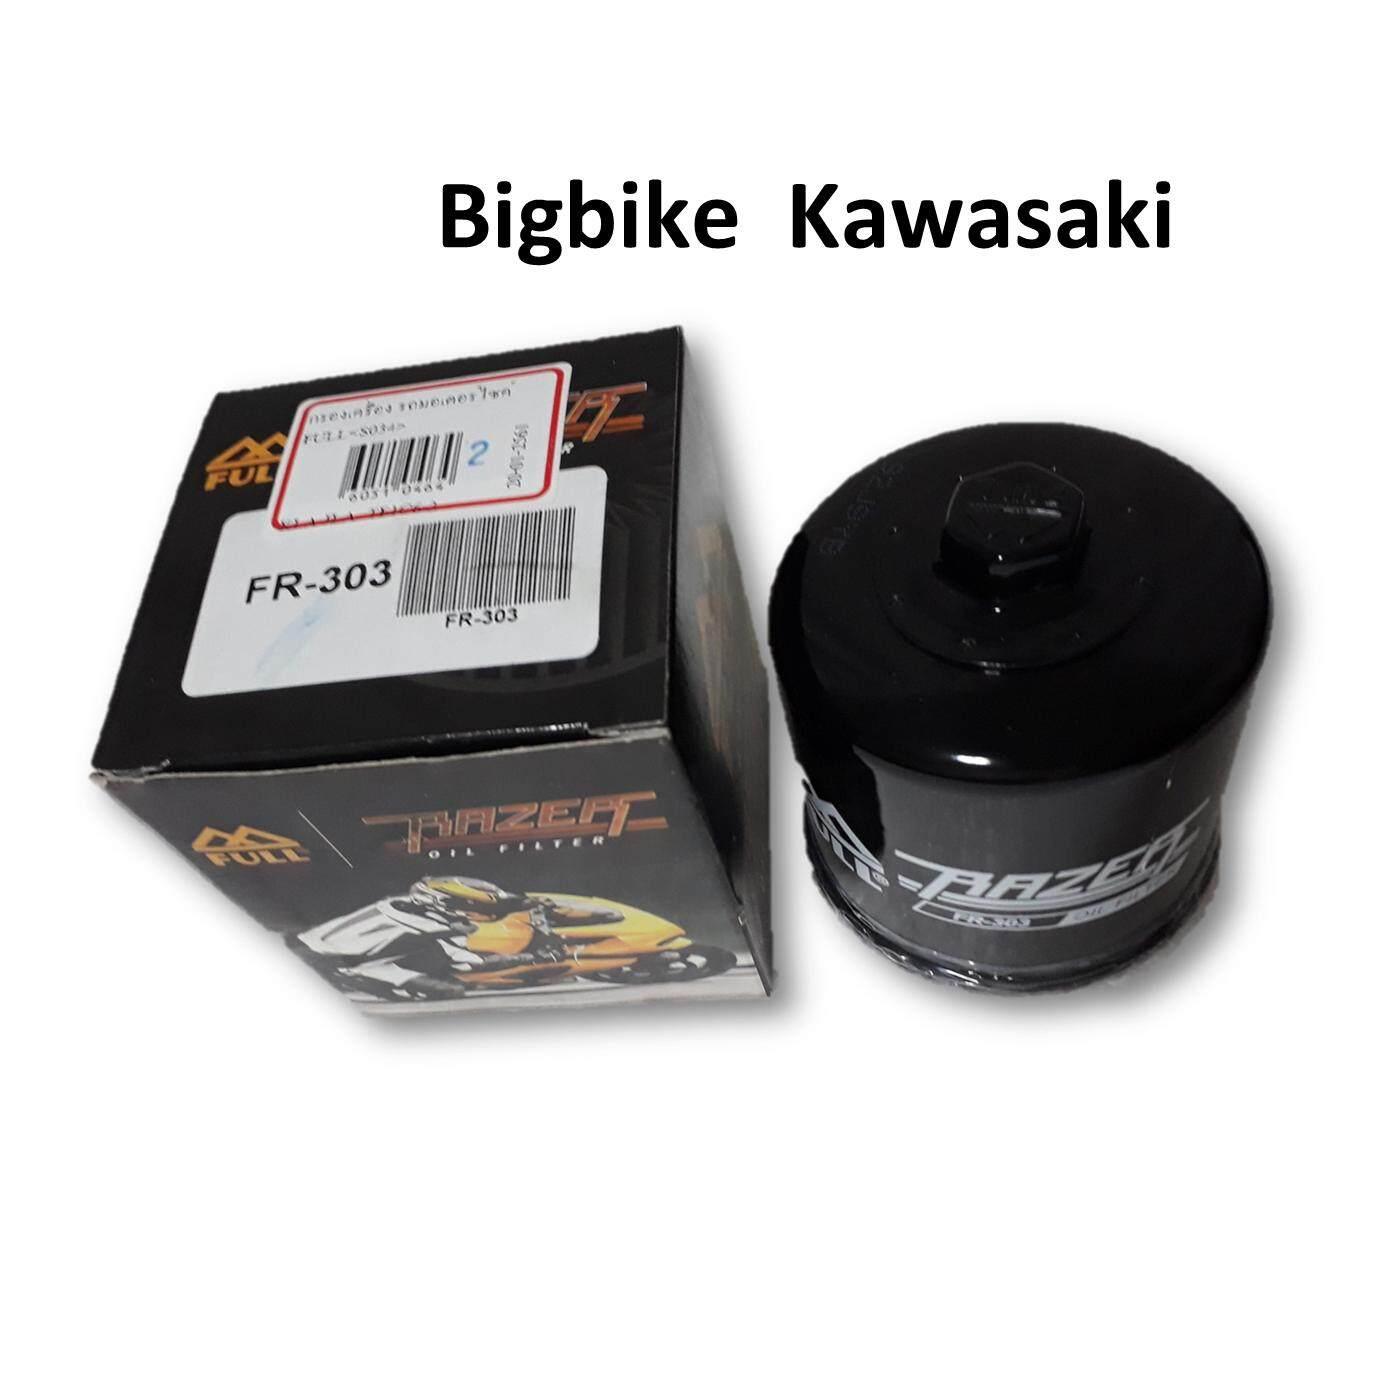 ขาย กรองน้ำมันเครื่องมอเตอร์ไซค์ Bigbike Kawasaki Full Razer Fr 303 ใช้สำหรับ รุ่น Ninja 300 Ninja650 Er 6N Versys Z300 Z800 Z1000 Zx 10R ฯลฯ ออนไลน์ กรุงเทพมหานคร